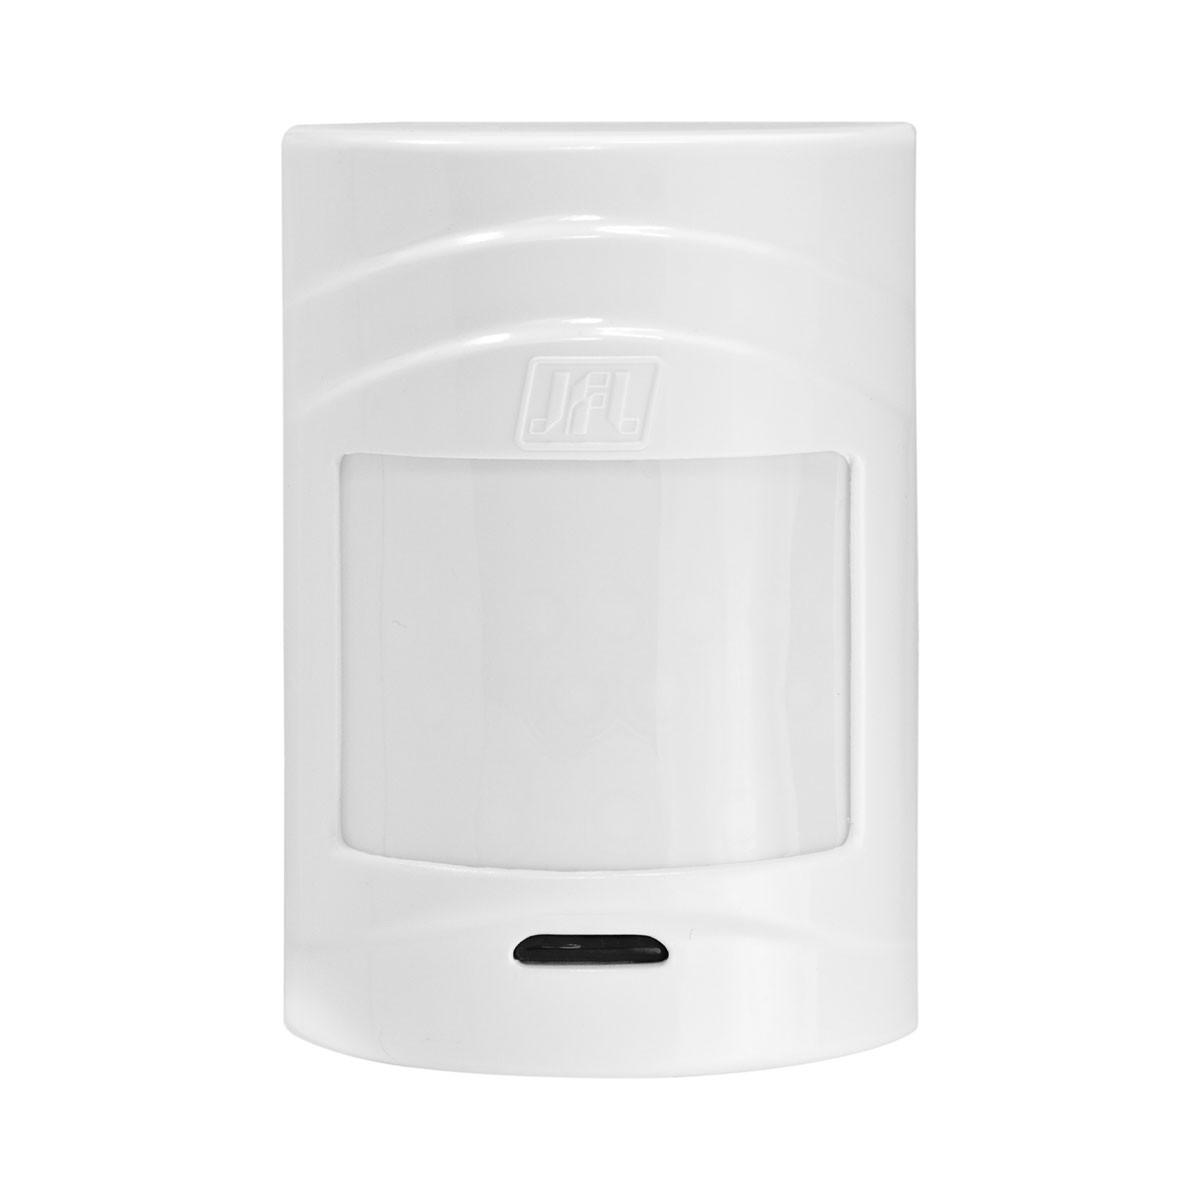 Kit Alarme Residencial Com Sensores Sem Fio Ecr 18 Jfl